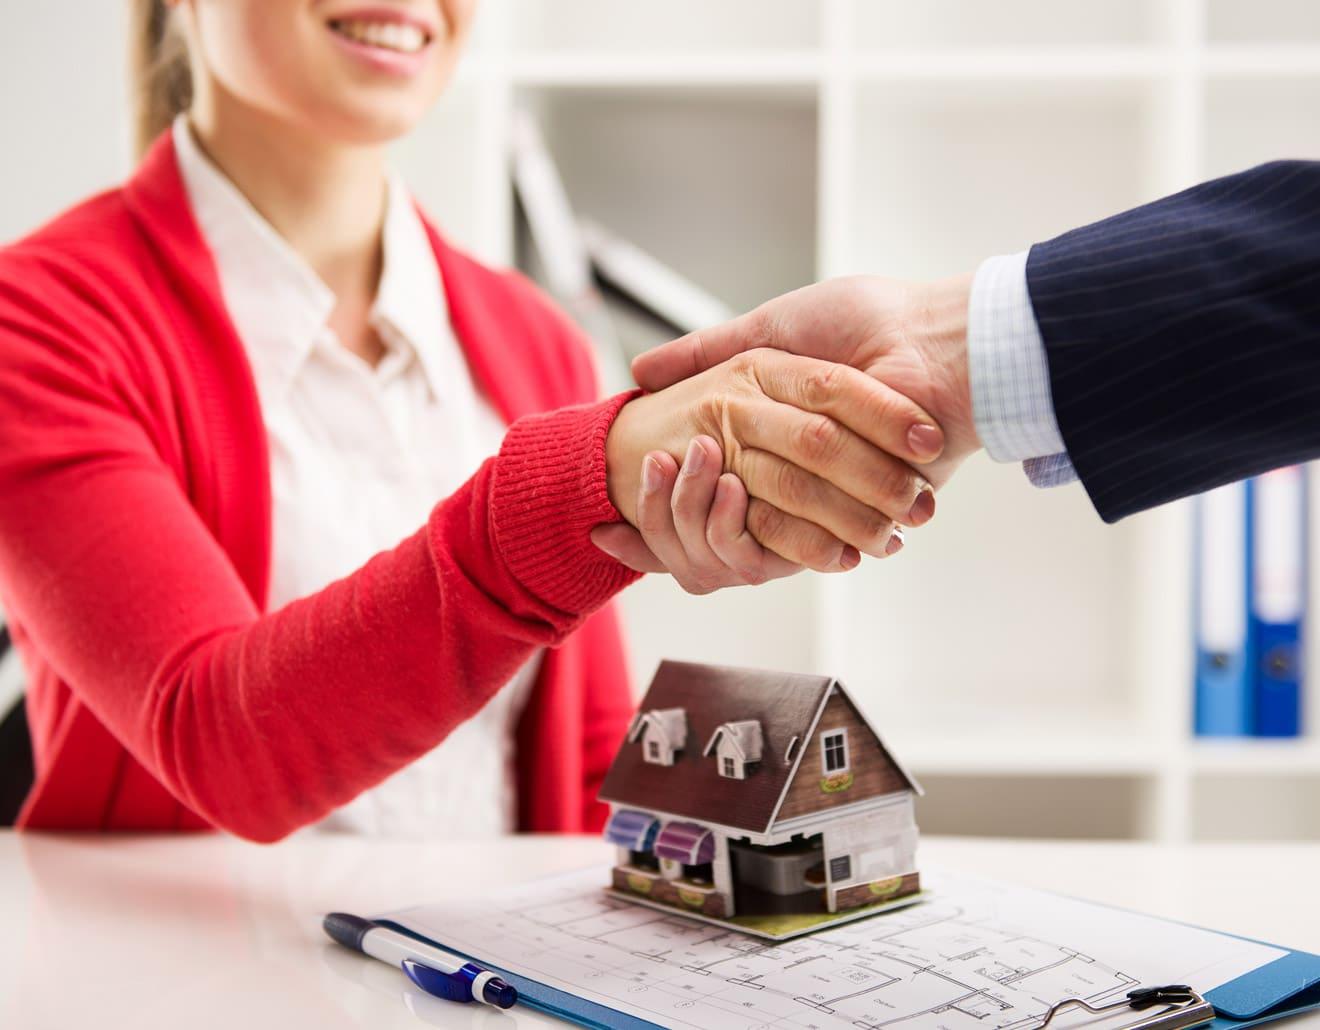 Das-Bauschild-com-Immobilienmarketing-erfolgreich-kommunizieren